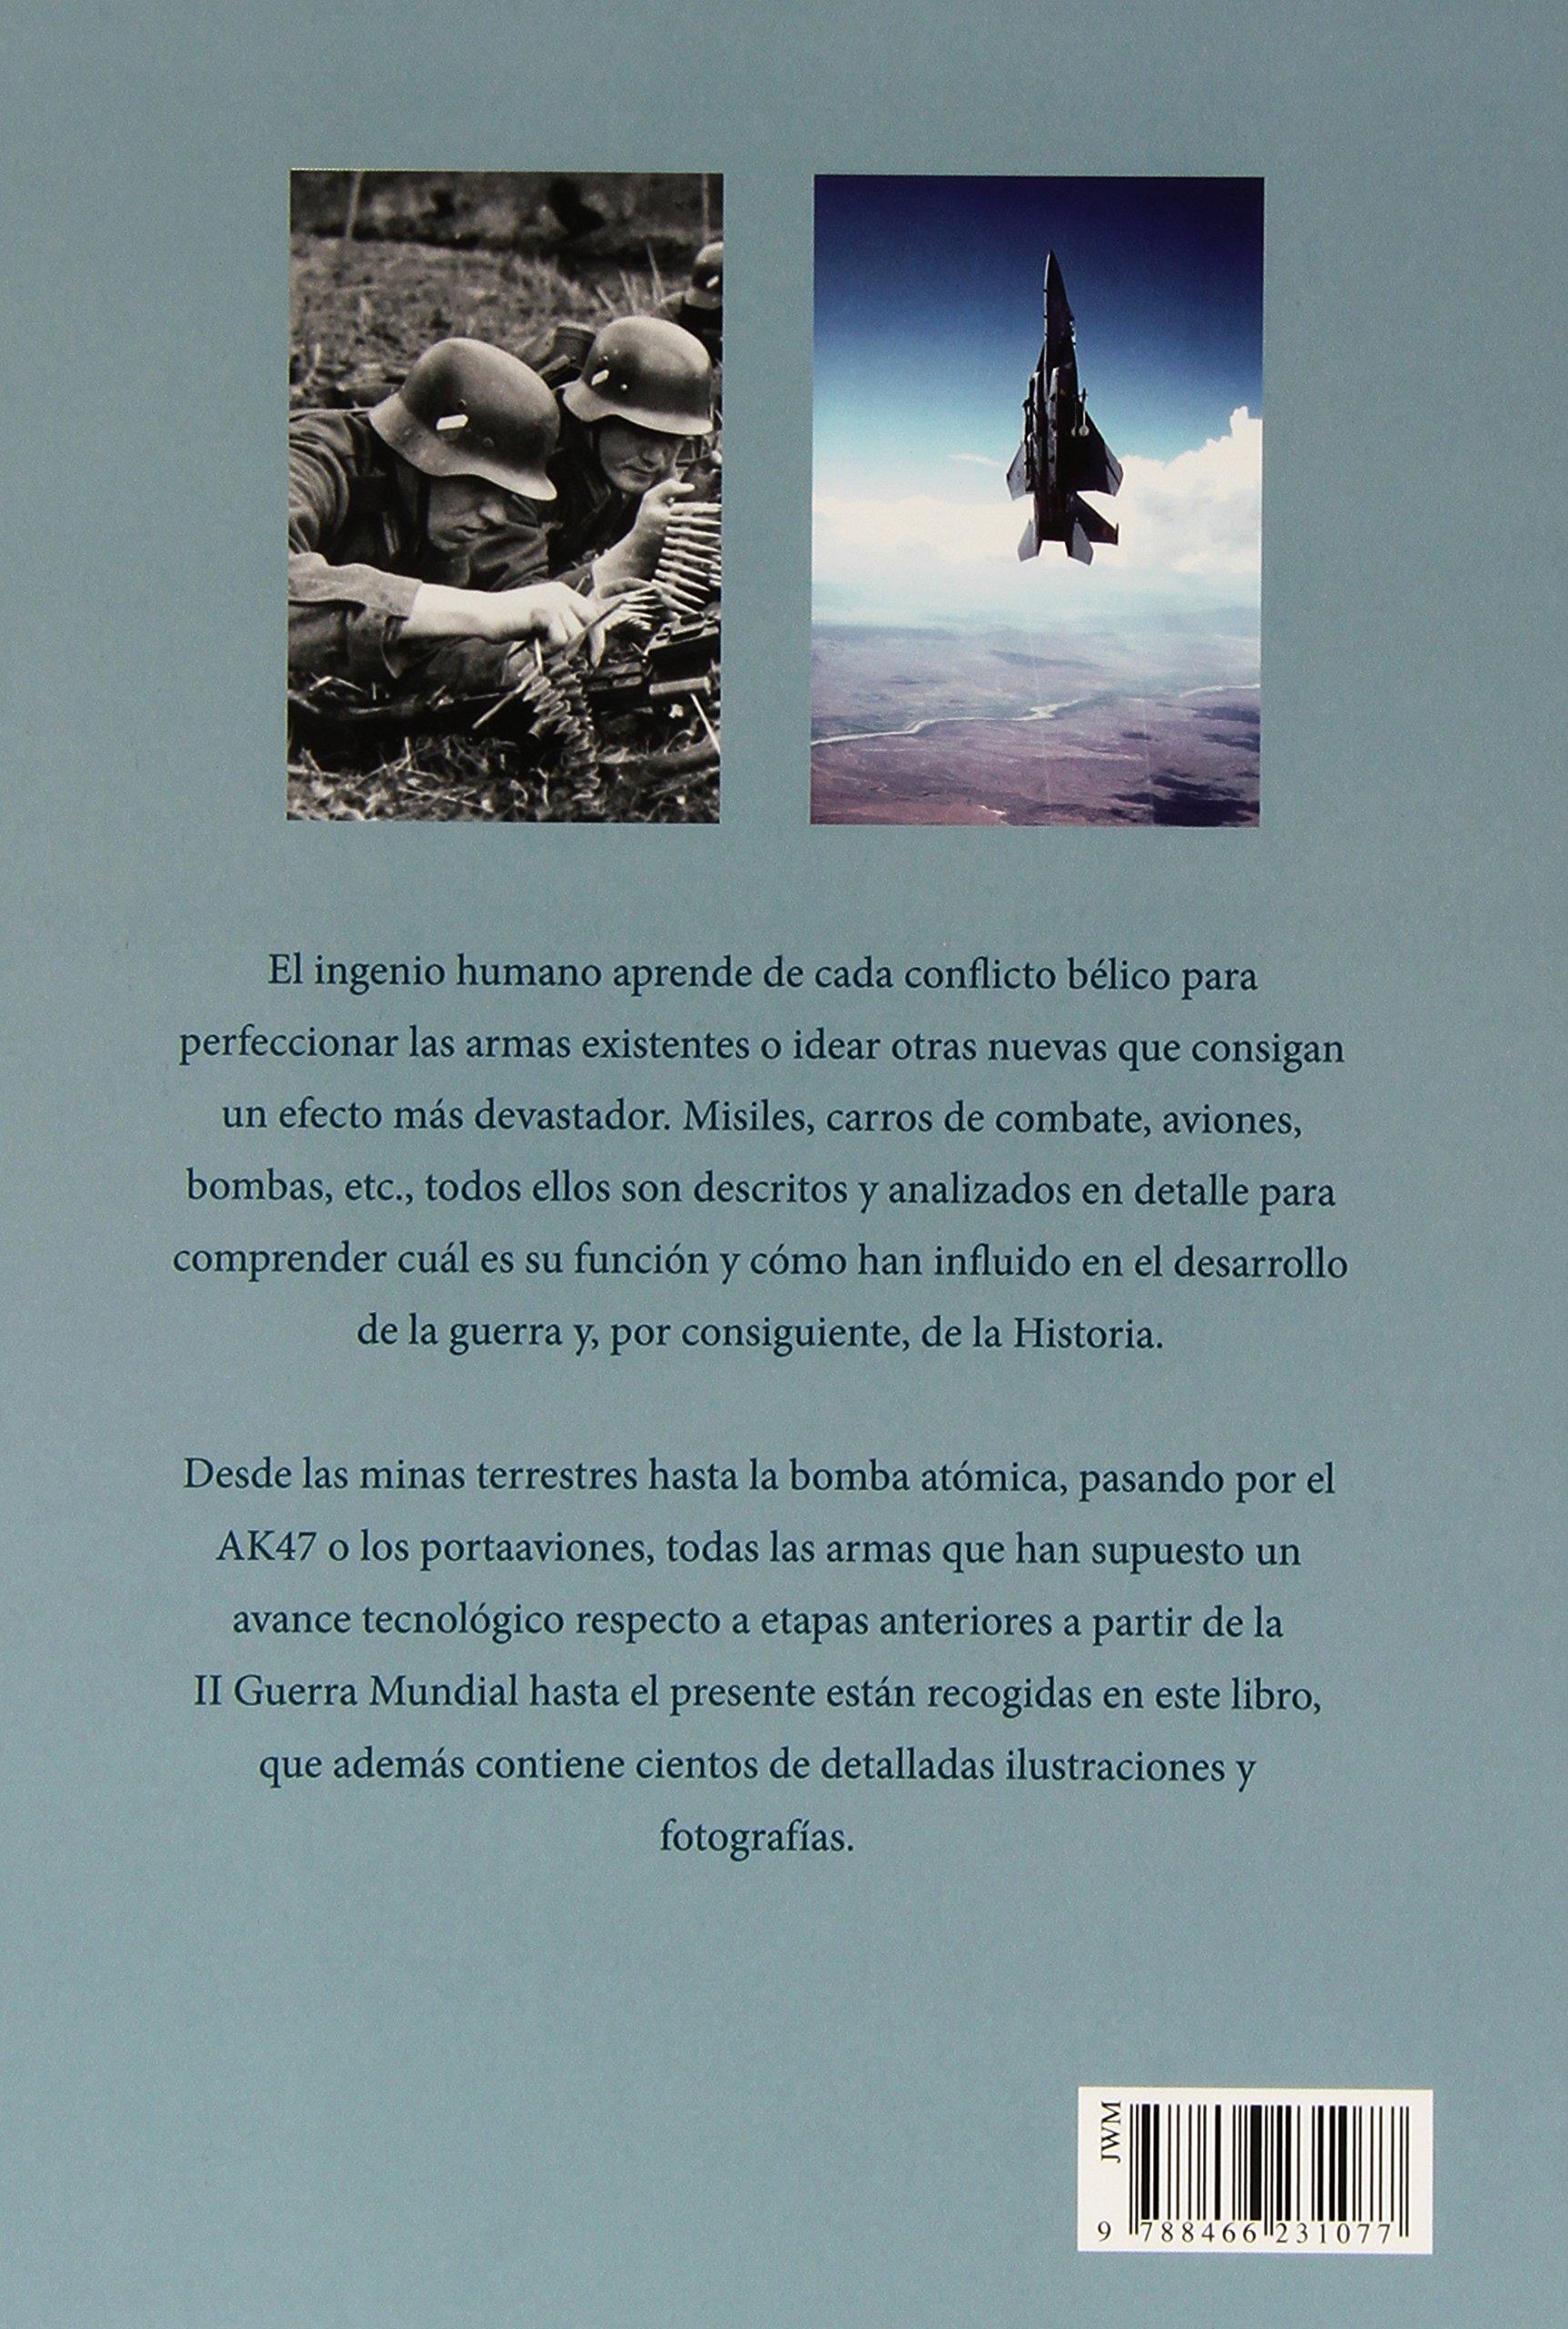 Armas Que Cambiaron La Historia De La Guerra Maquina Militar: Amazon.es: Chris Mcnab: Libros